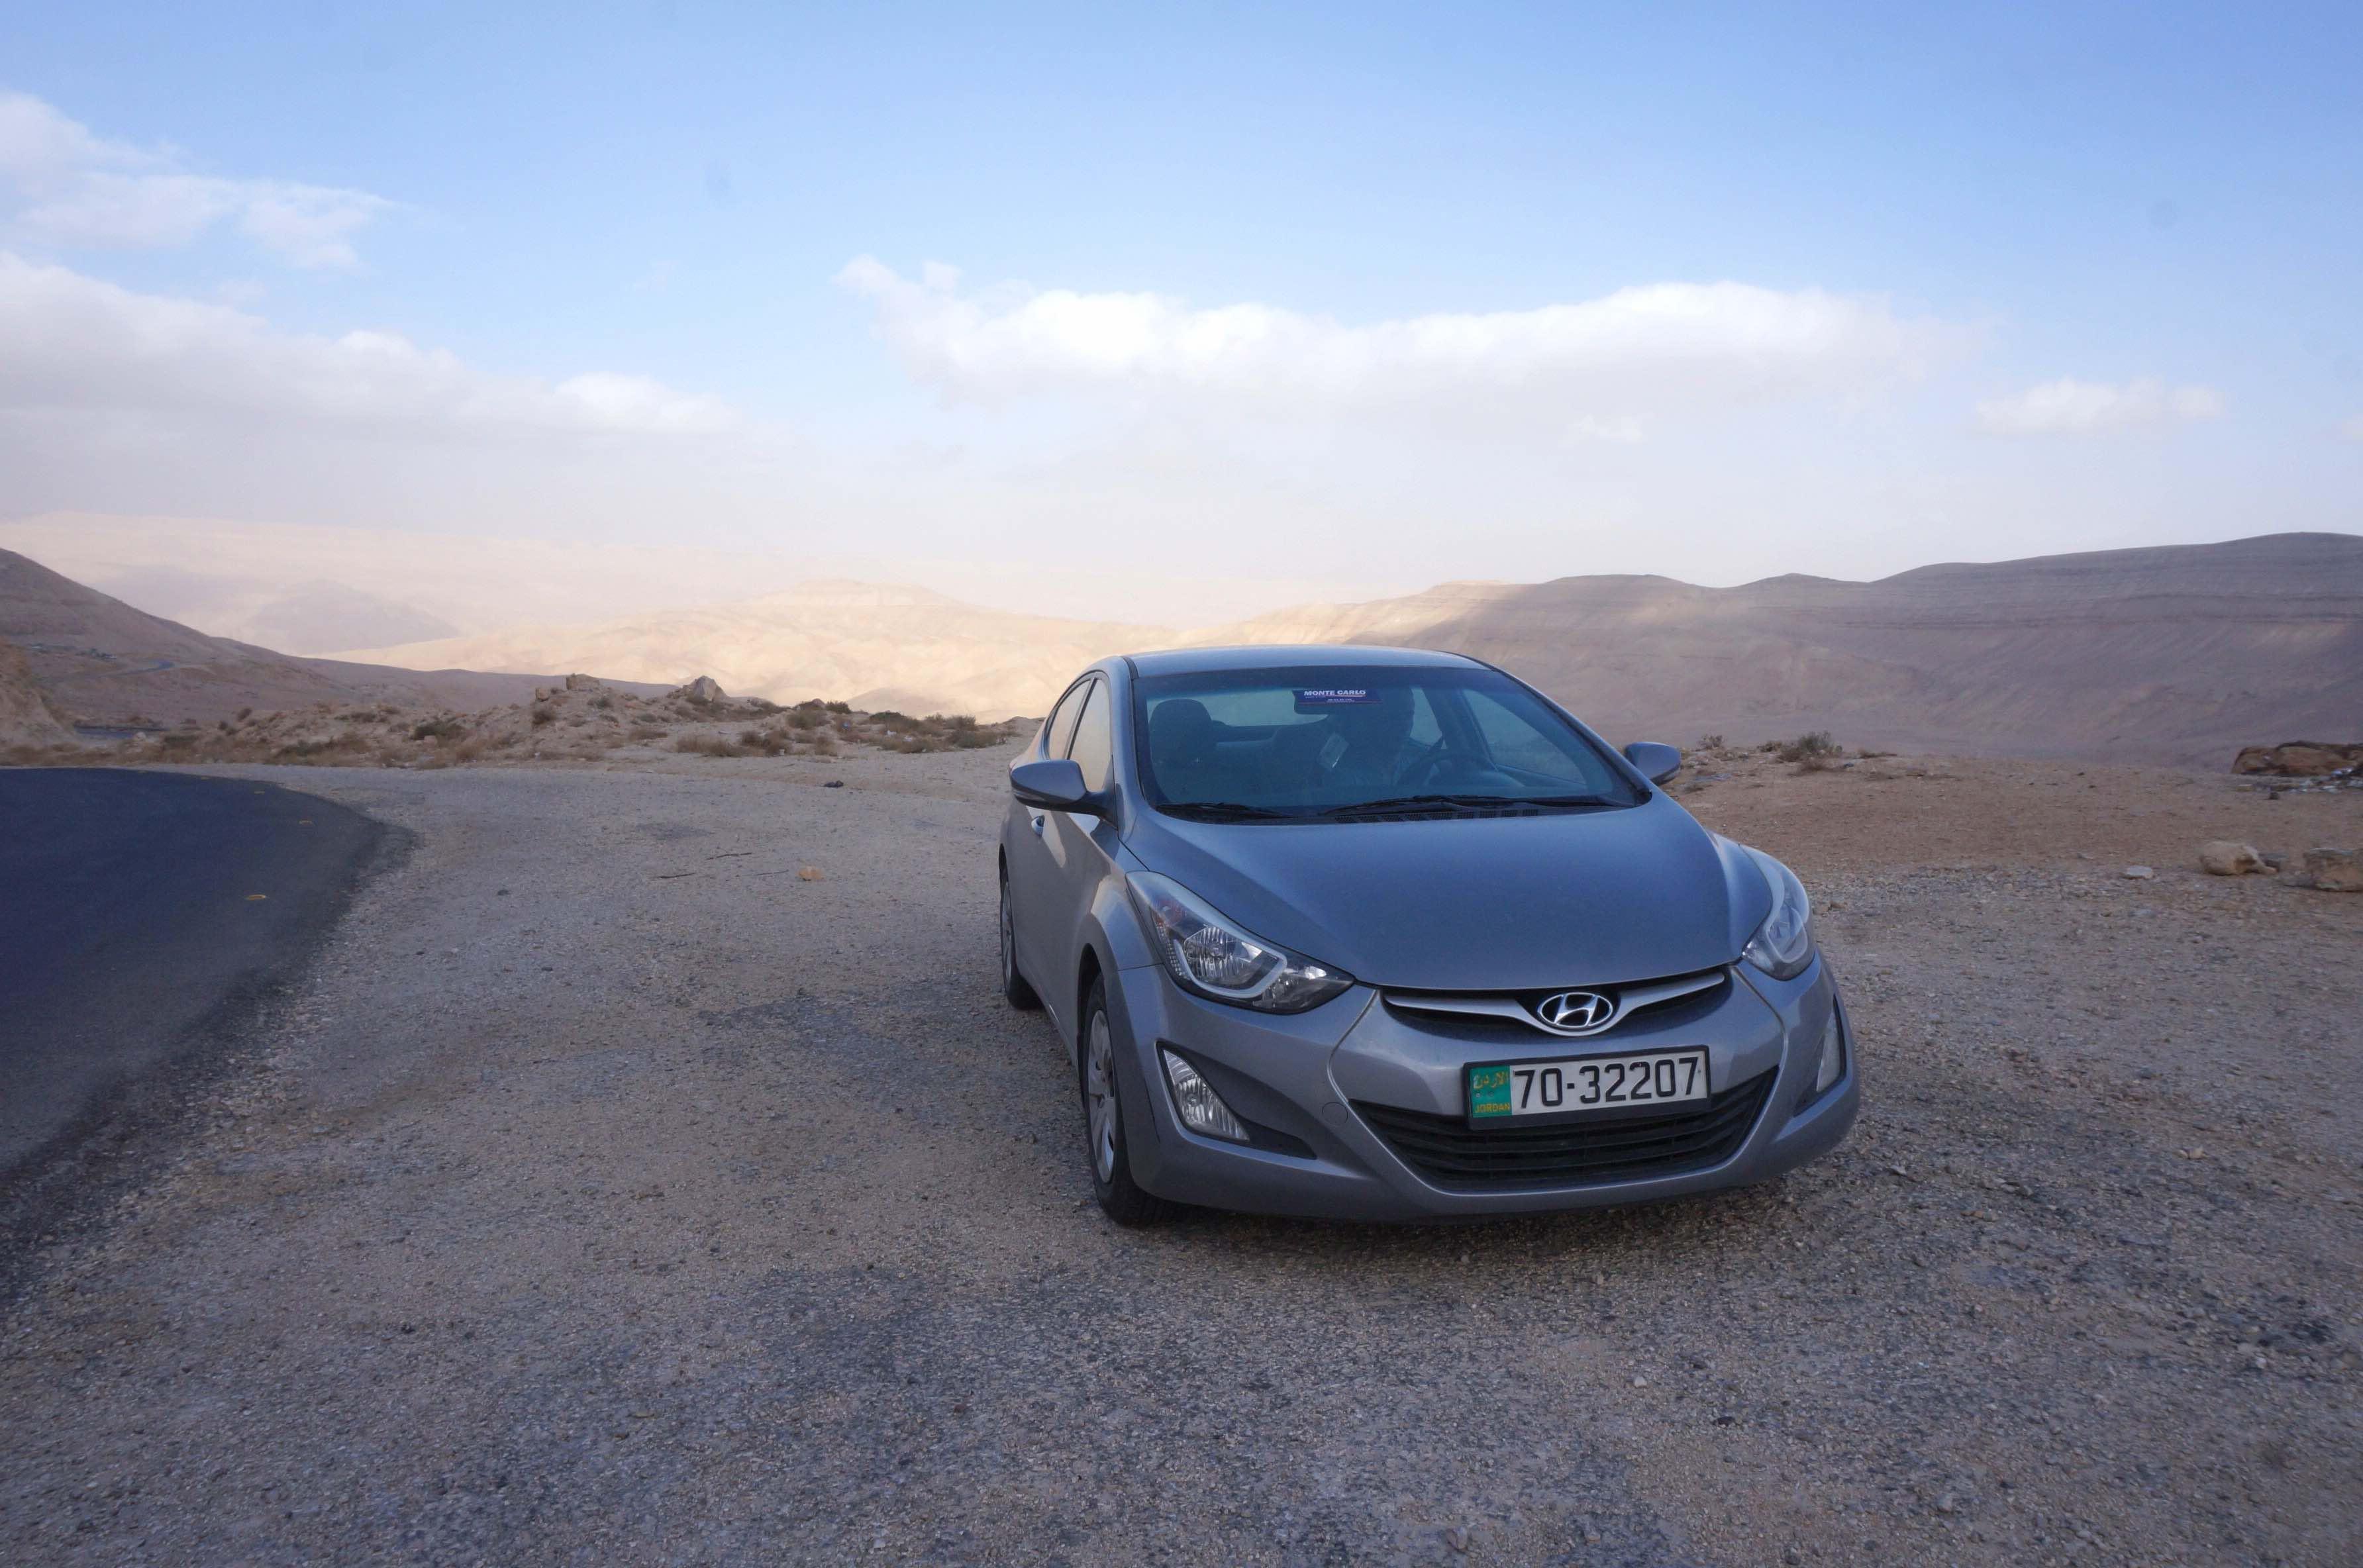 voiture jordanie